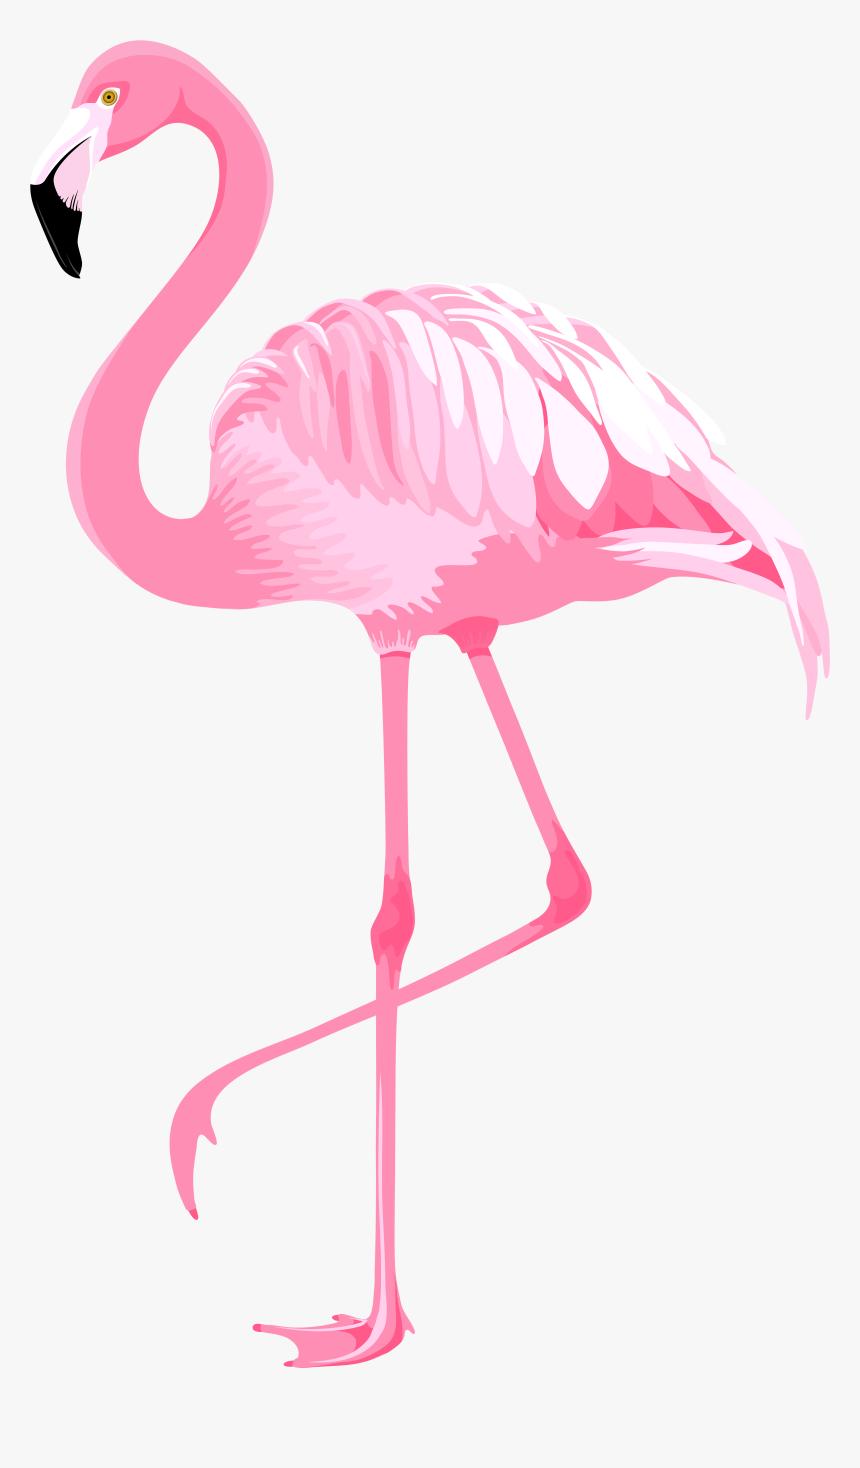 Flamingo Clip Art Pink - Clip Art Flamingo Png ... - photo#11